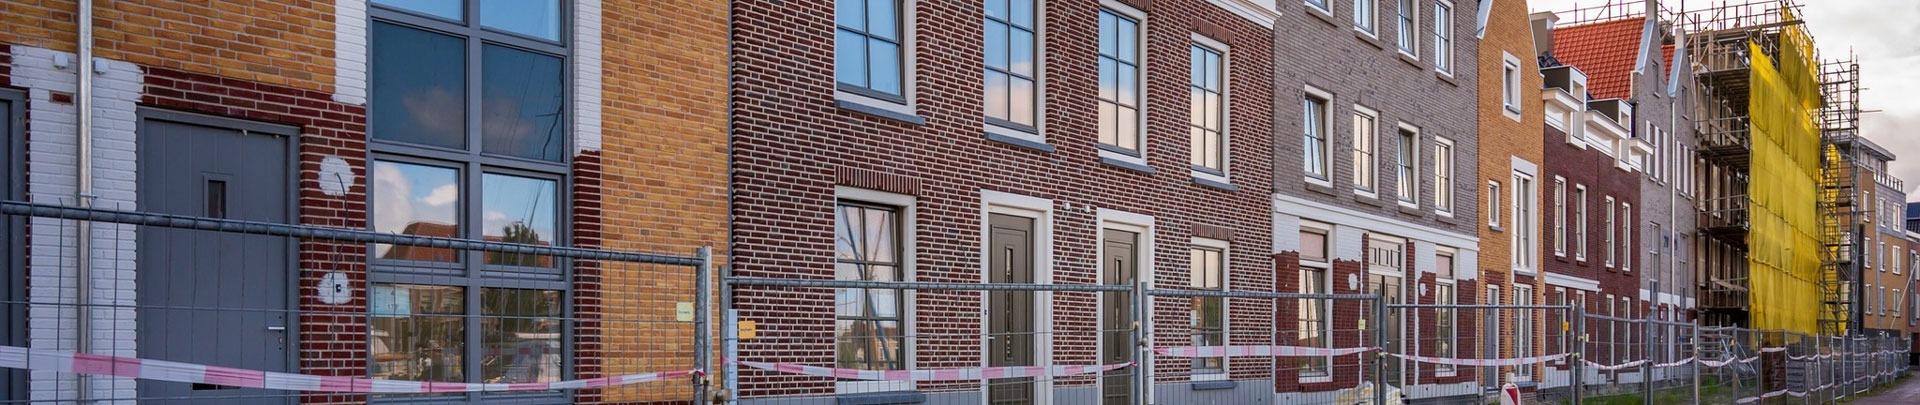 Huizen in Harlingen die worden verbouwd